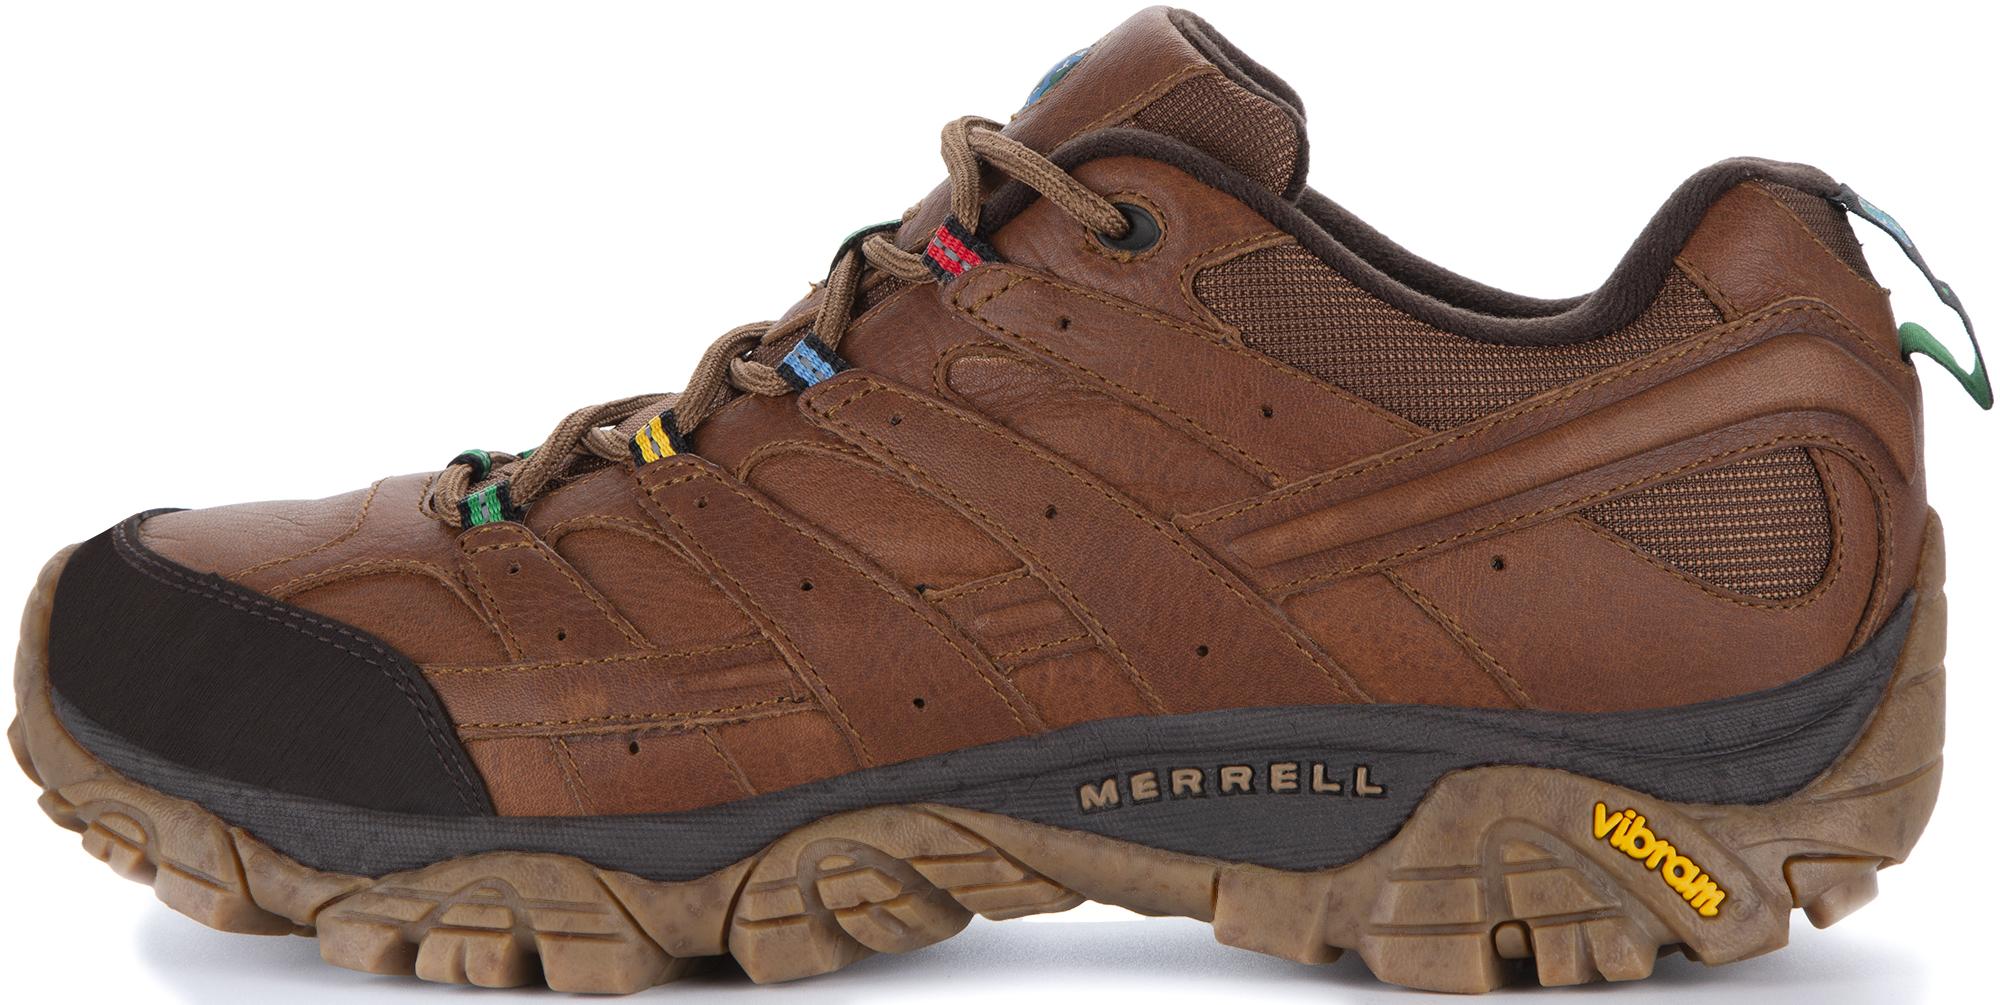 Merrell Полуботинки мужские Merrell Moab 2 Earth Day, размер 45 цена